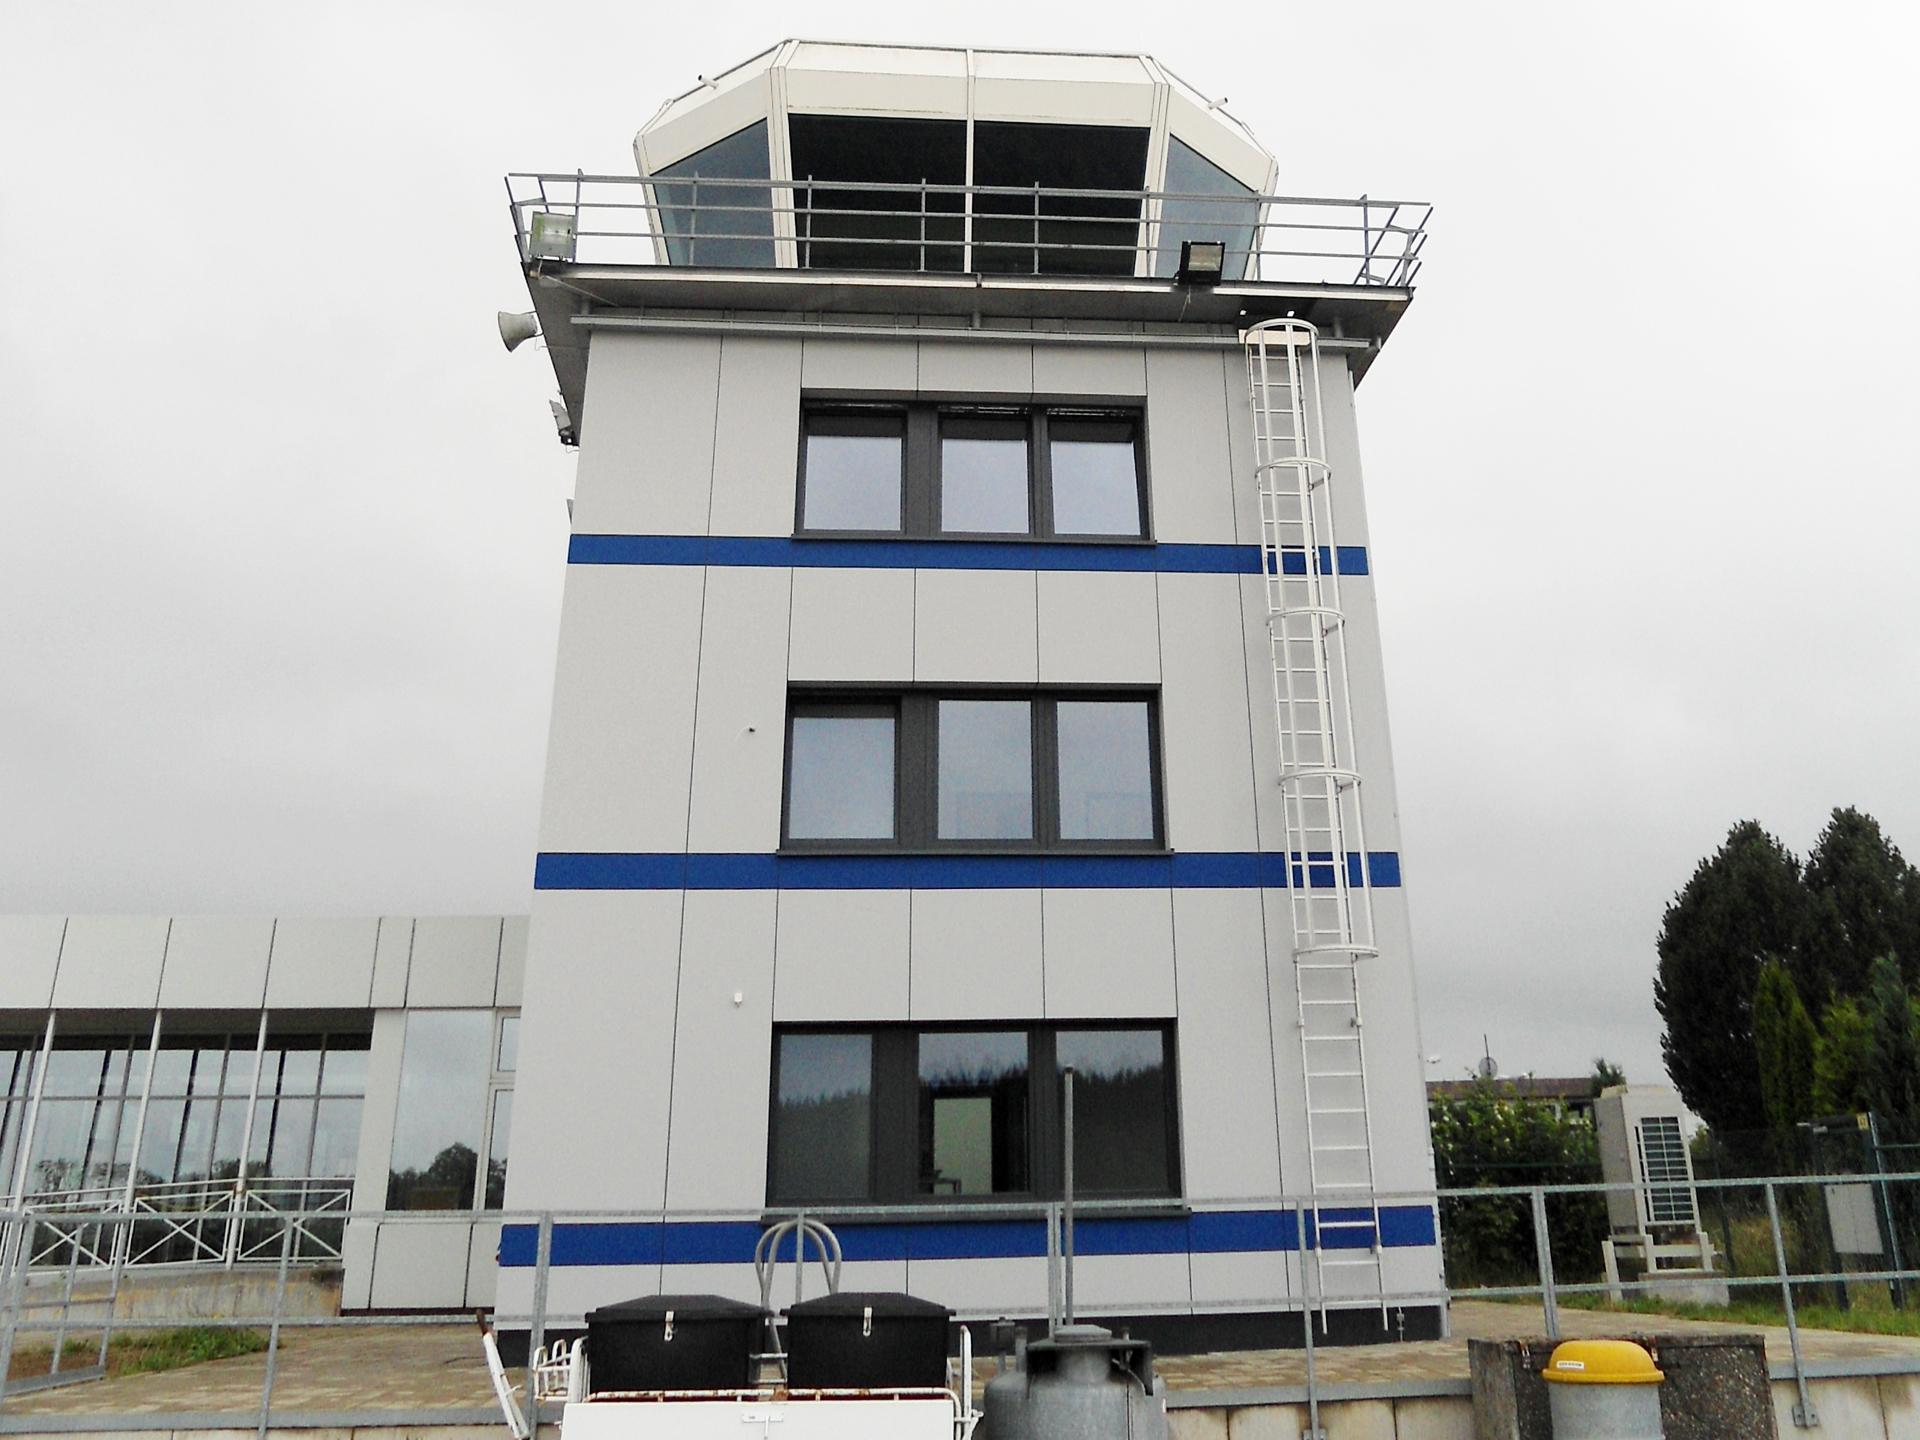 Kernsanierung Tower Flughafen Hof Plauen